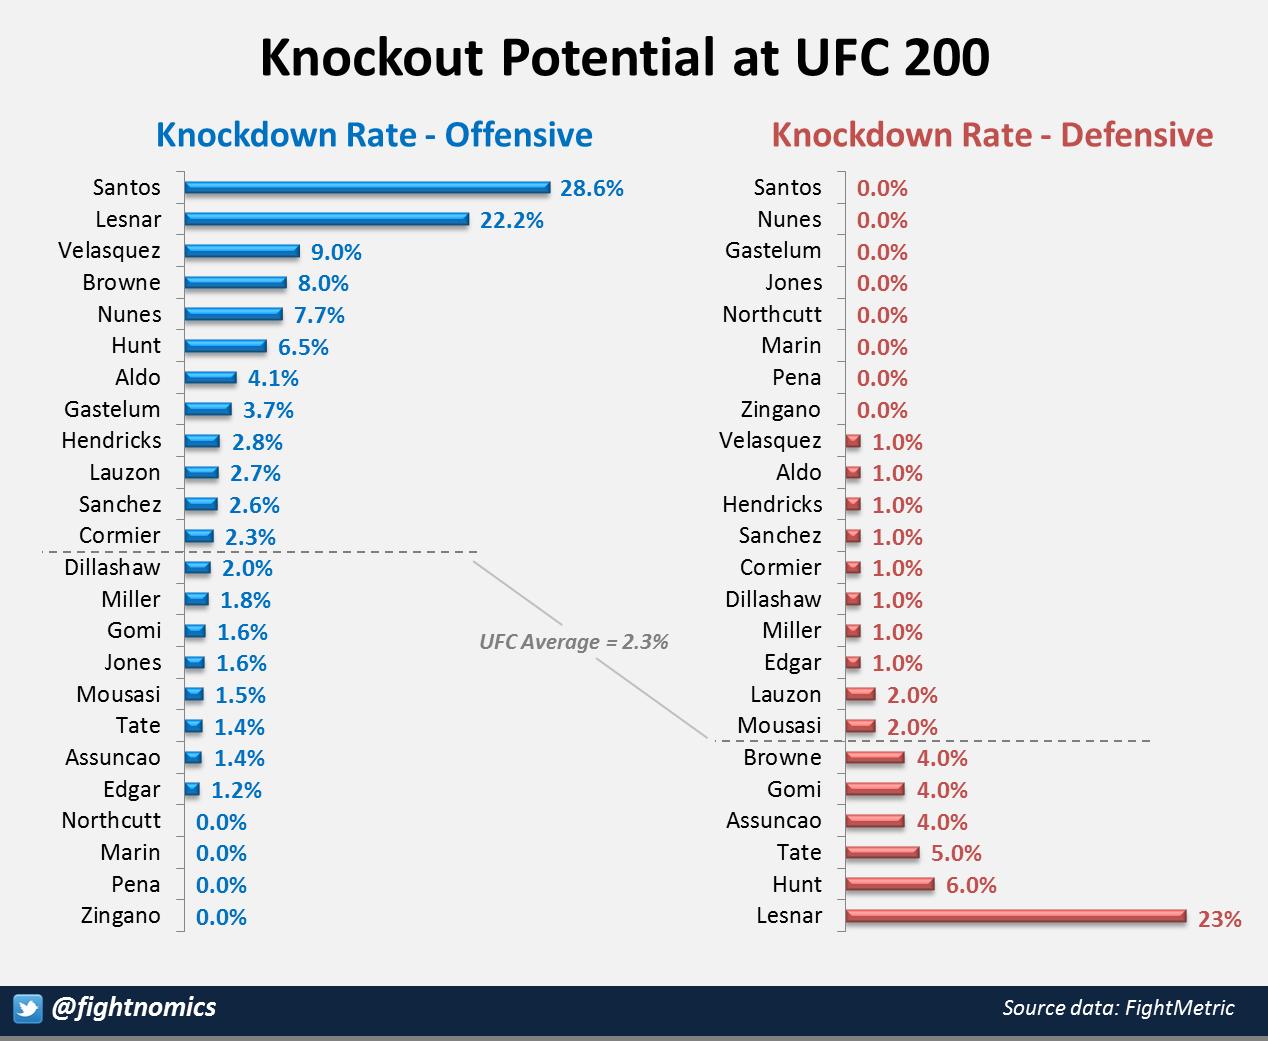 KO Potential at UFC 200